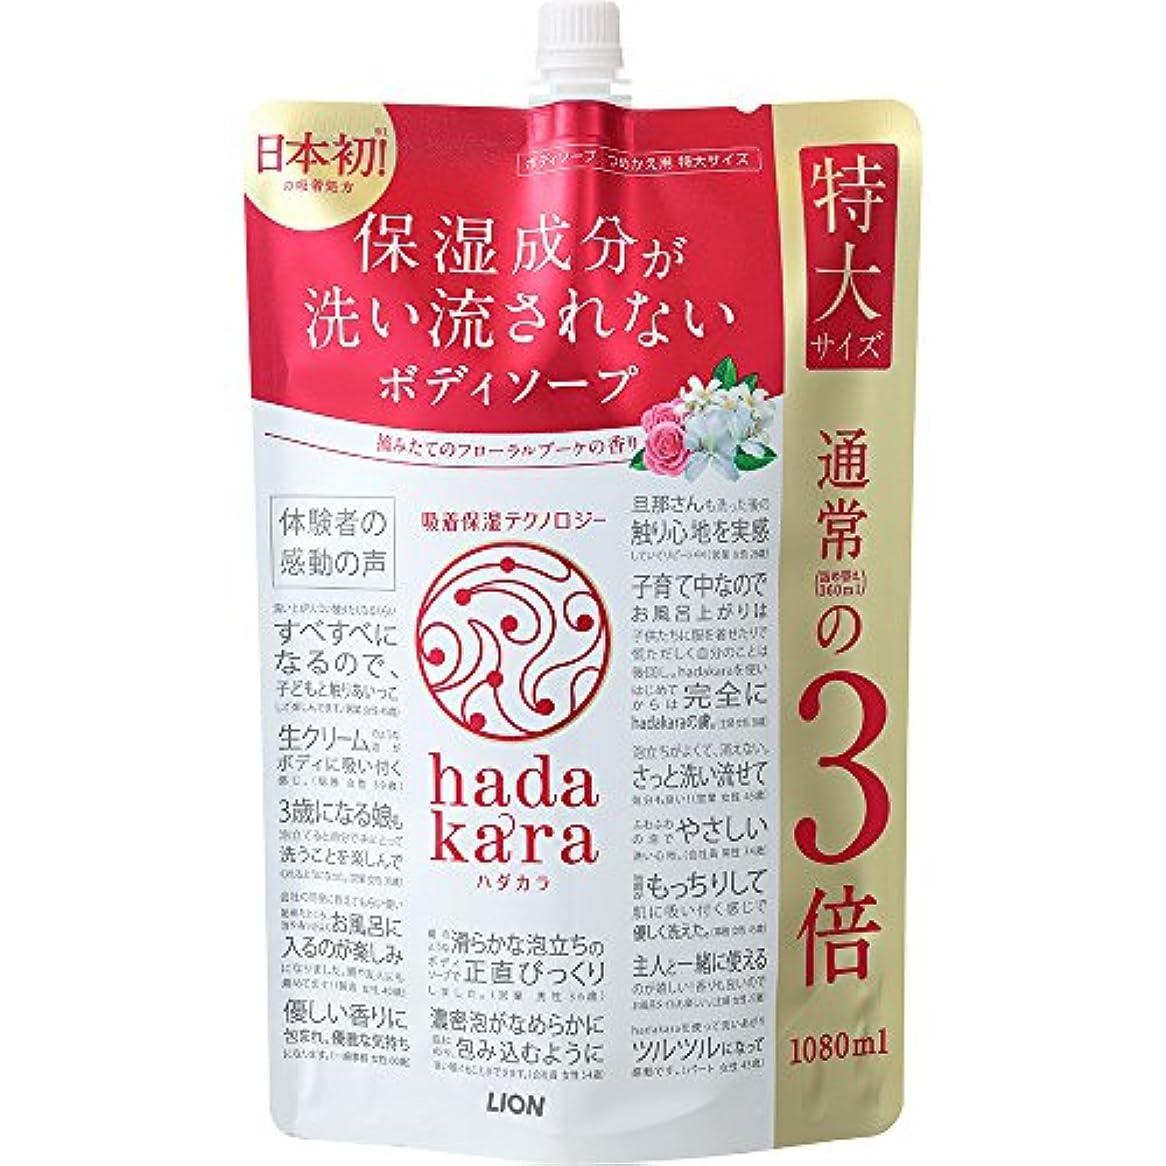 のり彫るこれまで【大容量】hadakara(ハダカラ) ボディソープ フローラルブーケの香り 詰め替え 特大 1080ml